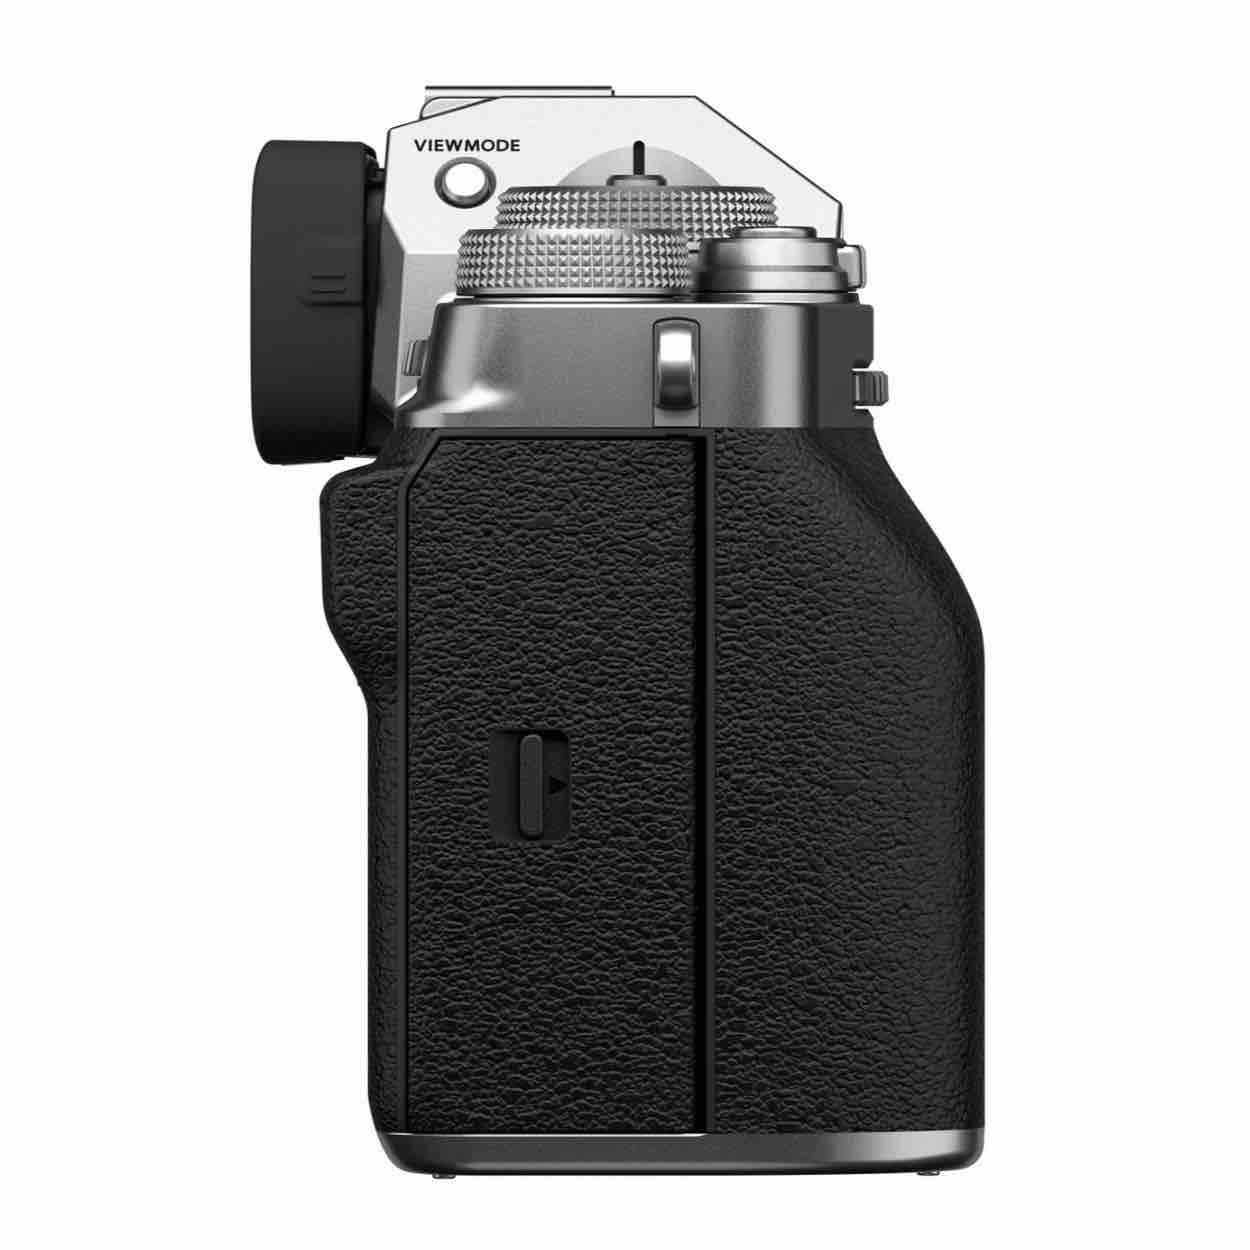 Fujifilm X-T4: specifiche complete e immagini in anteprima